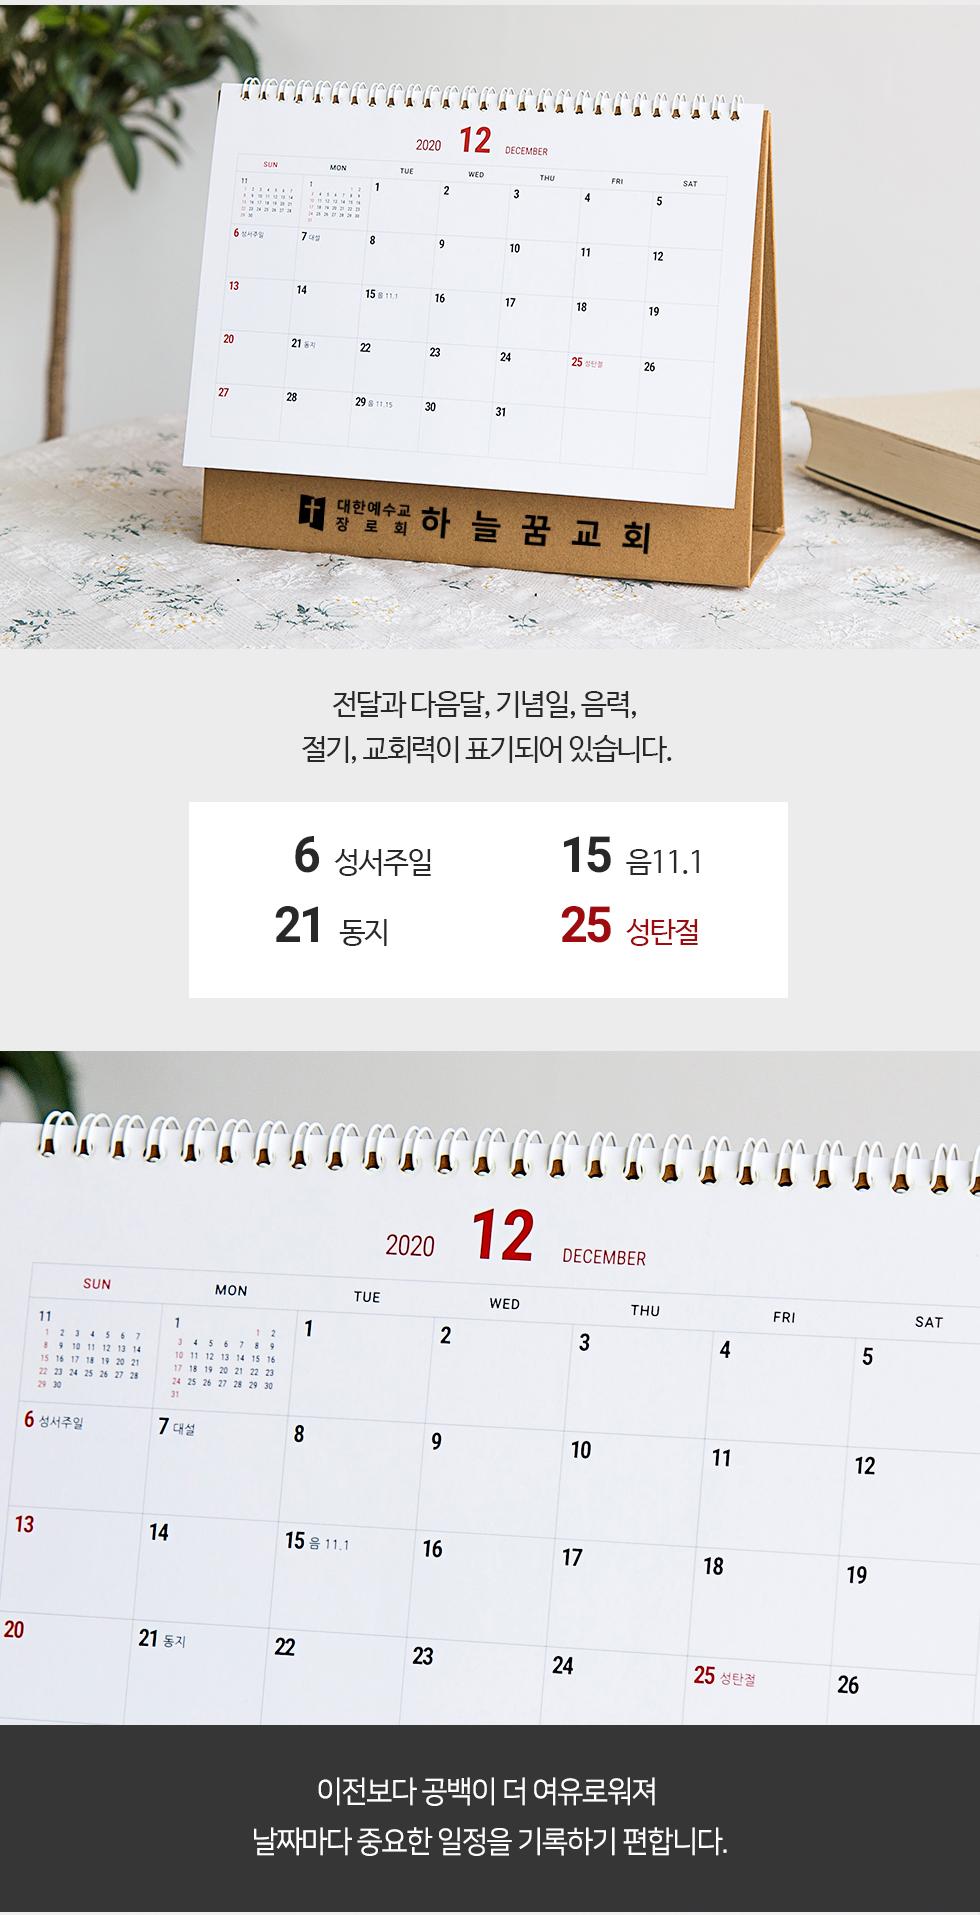 2020년 탁상달력 공통 - 상세설명(날짜판구성)